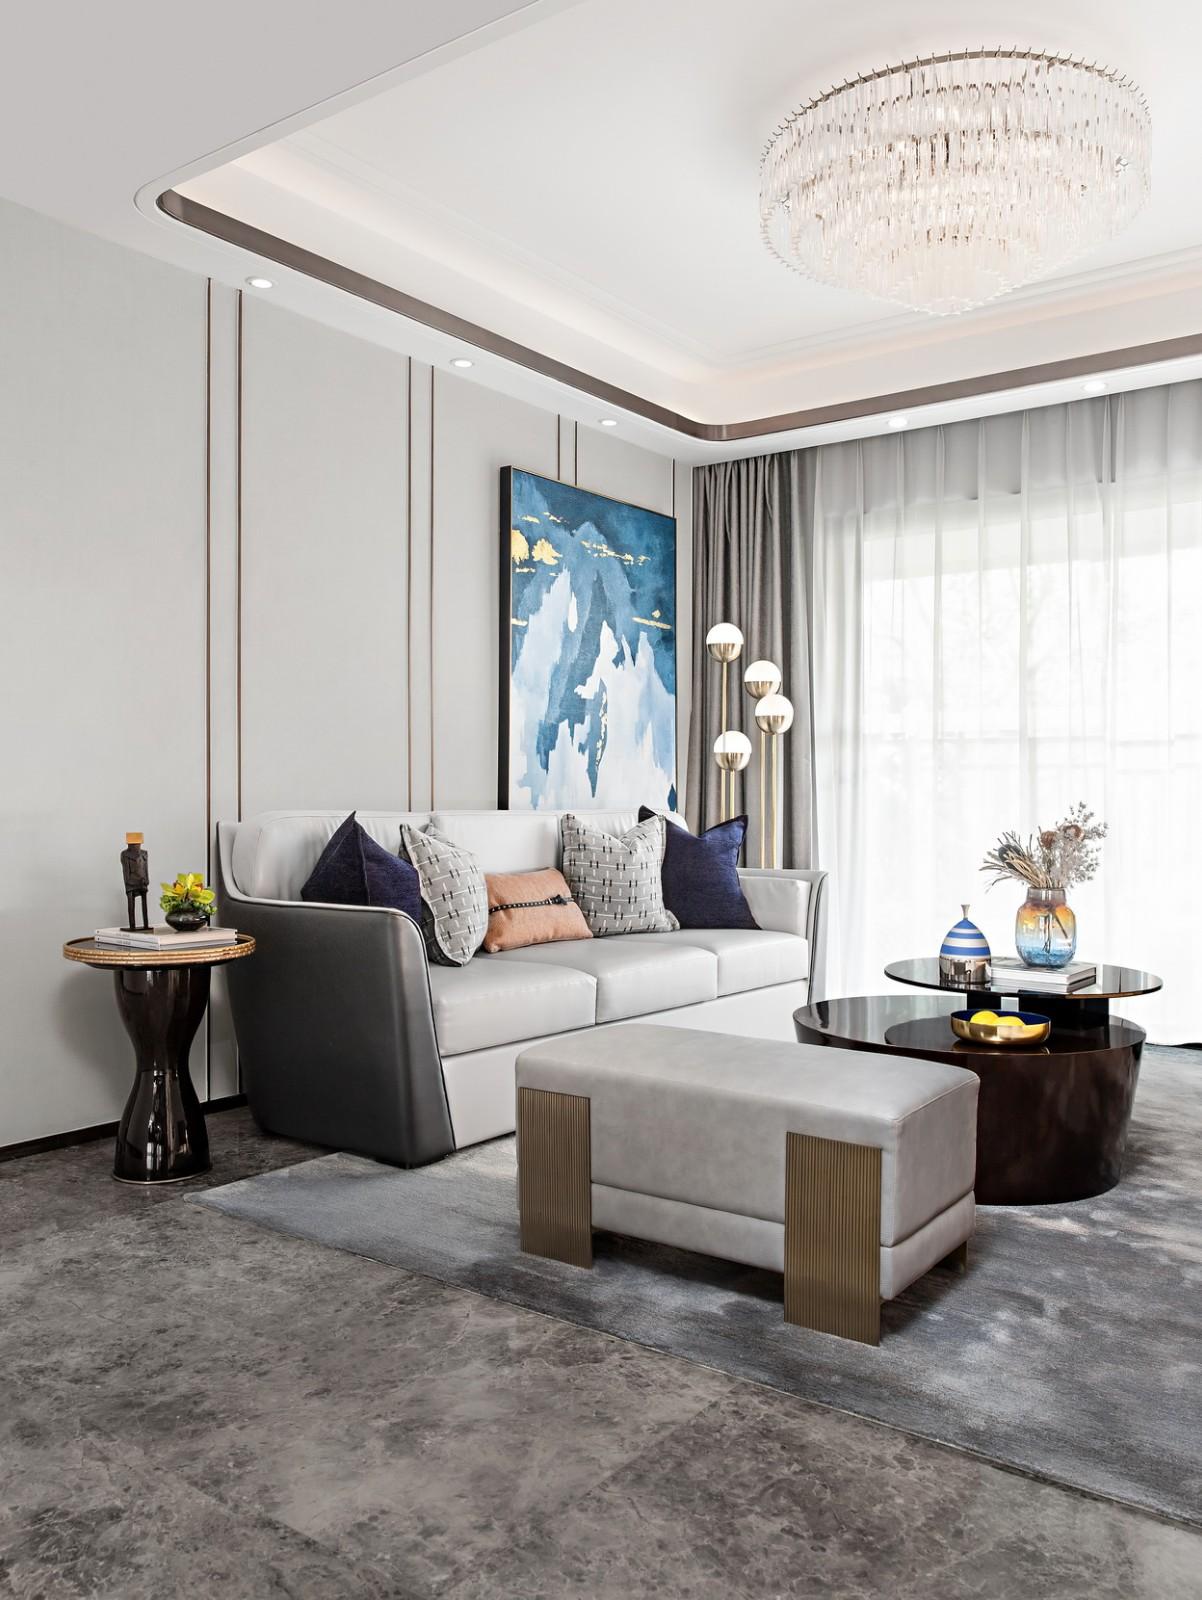 颇有艺术造型的茶几为空间增加了层次感,与背景墙挂画相辅相成,相得益彰。